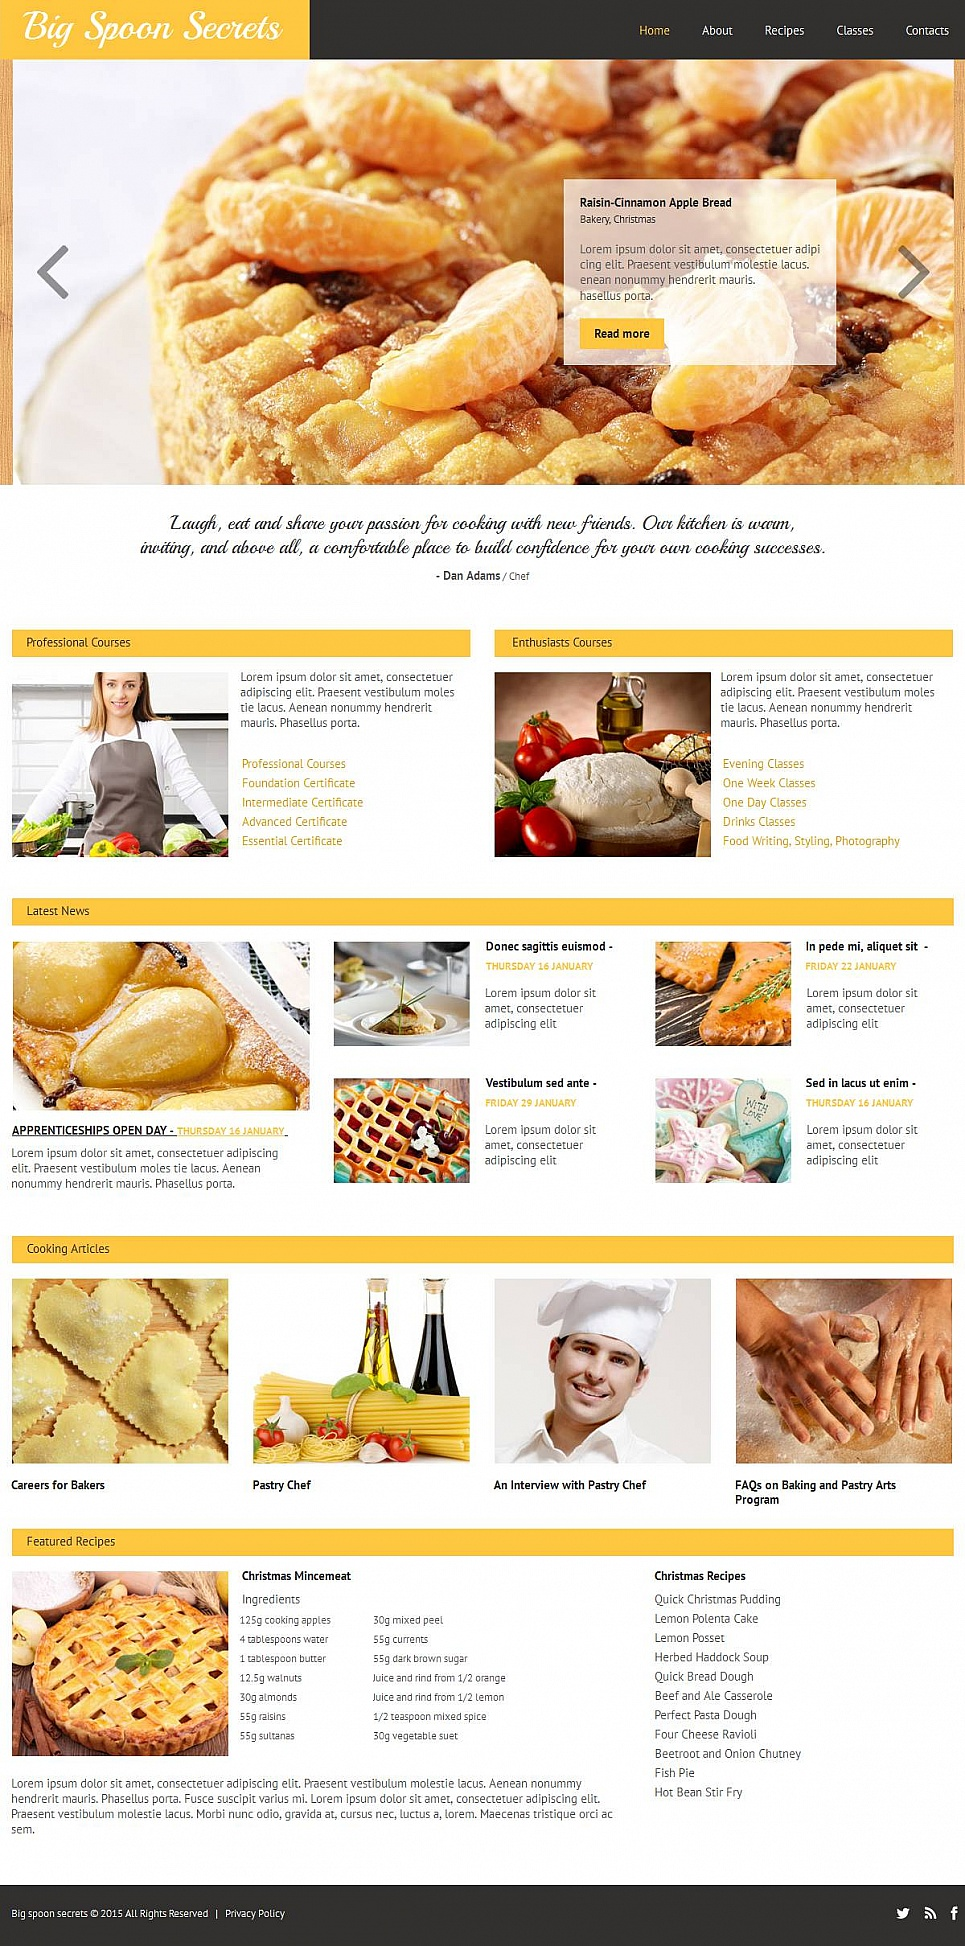 Website Design for Cafe and Restaurant Business - image